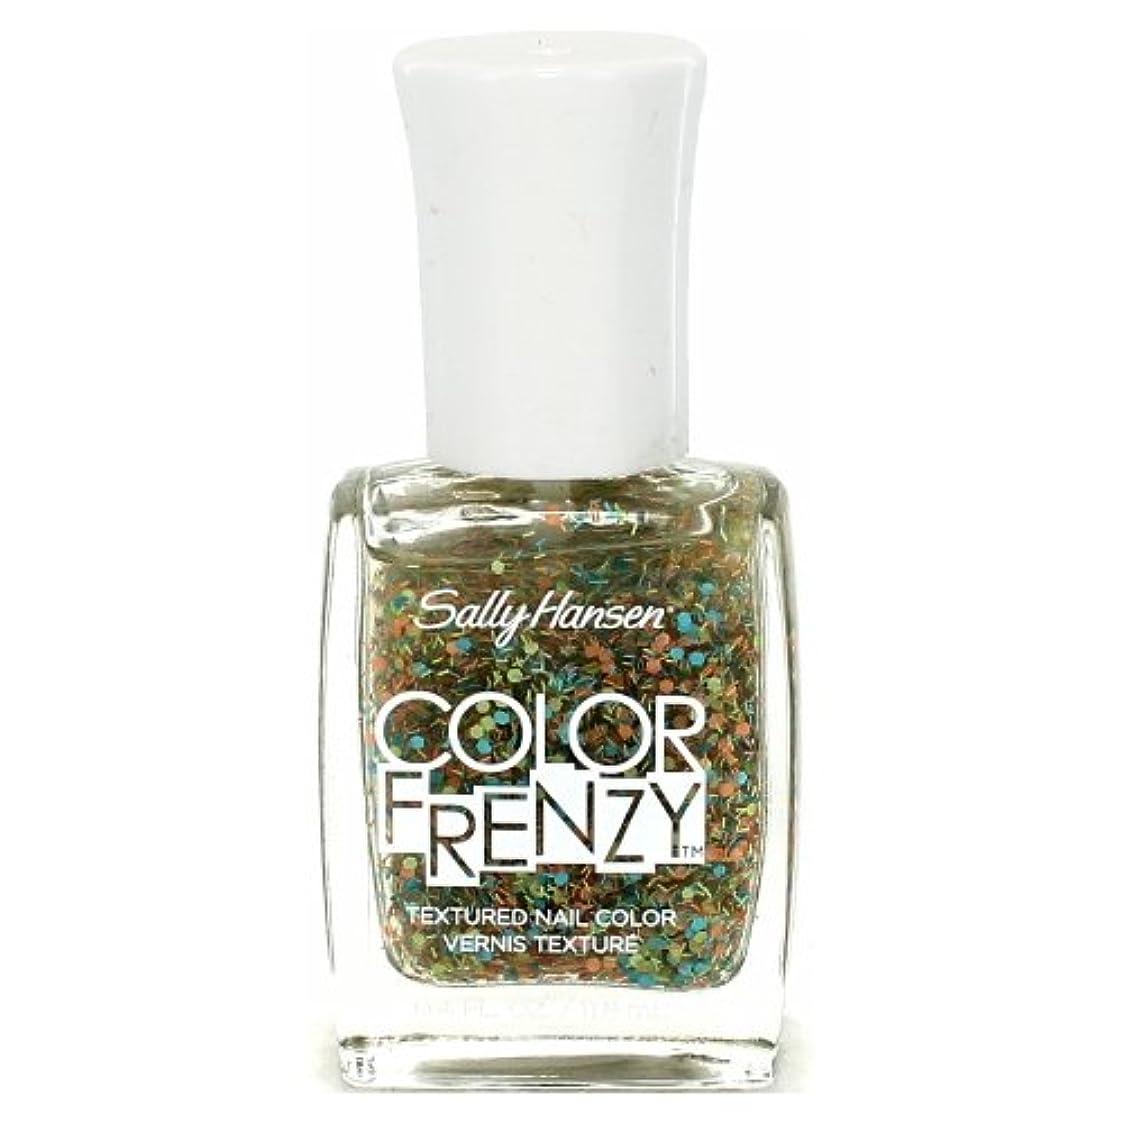 酸度後世縫い目(3 Pack) SALLY HANSEN Color Frenzy Textured Nail Color - Paint Party (並行輸入品)